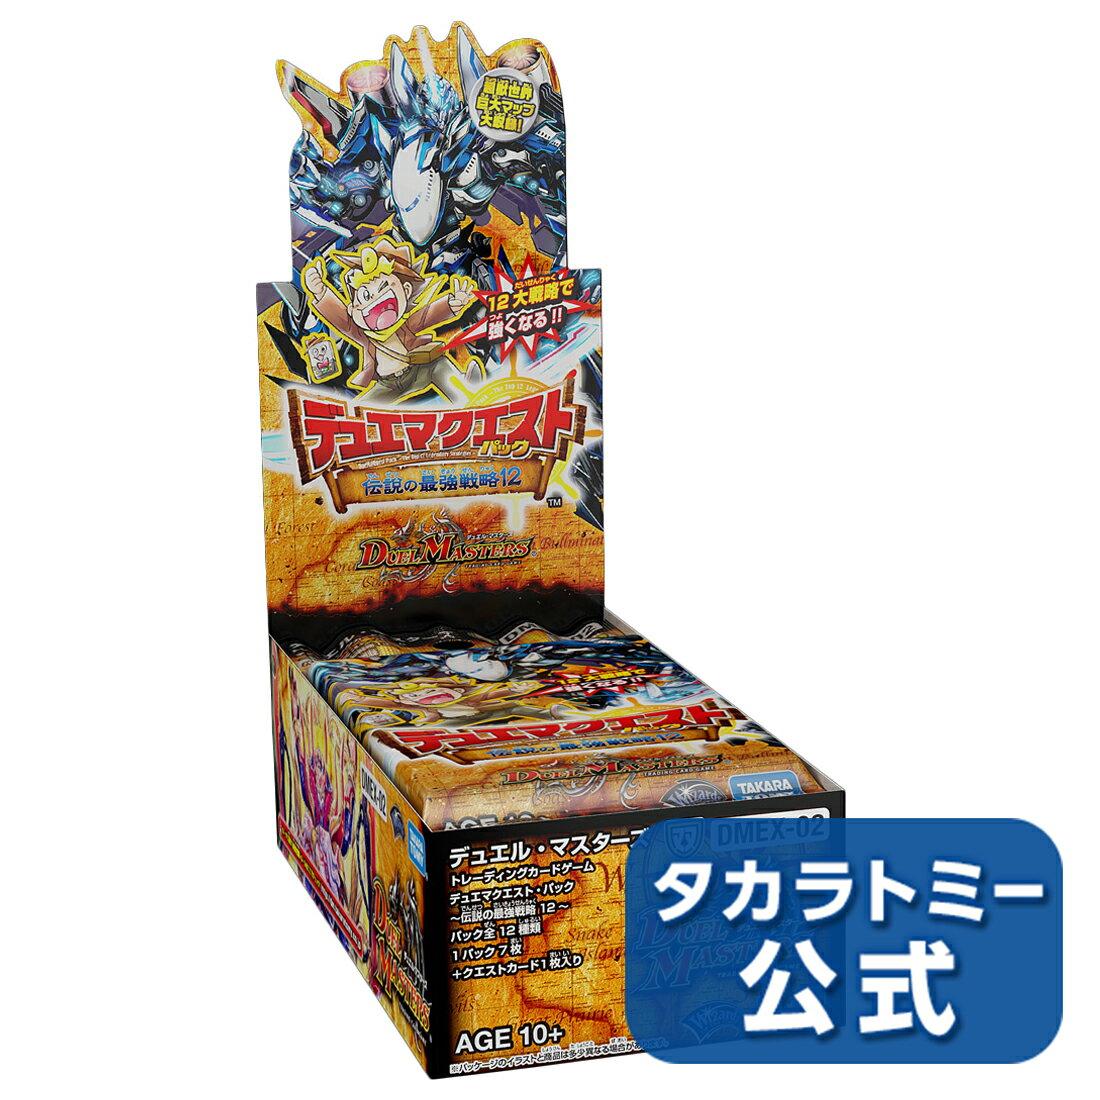 DMEX-02 デュエル・マスターズTCG デュエマクエスト・パック 〜伝説の最強戦略12〜 DP-BOX12入り